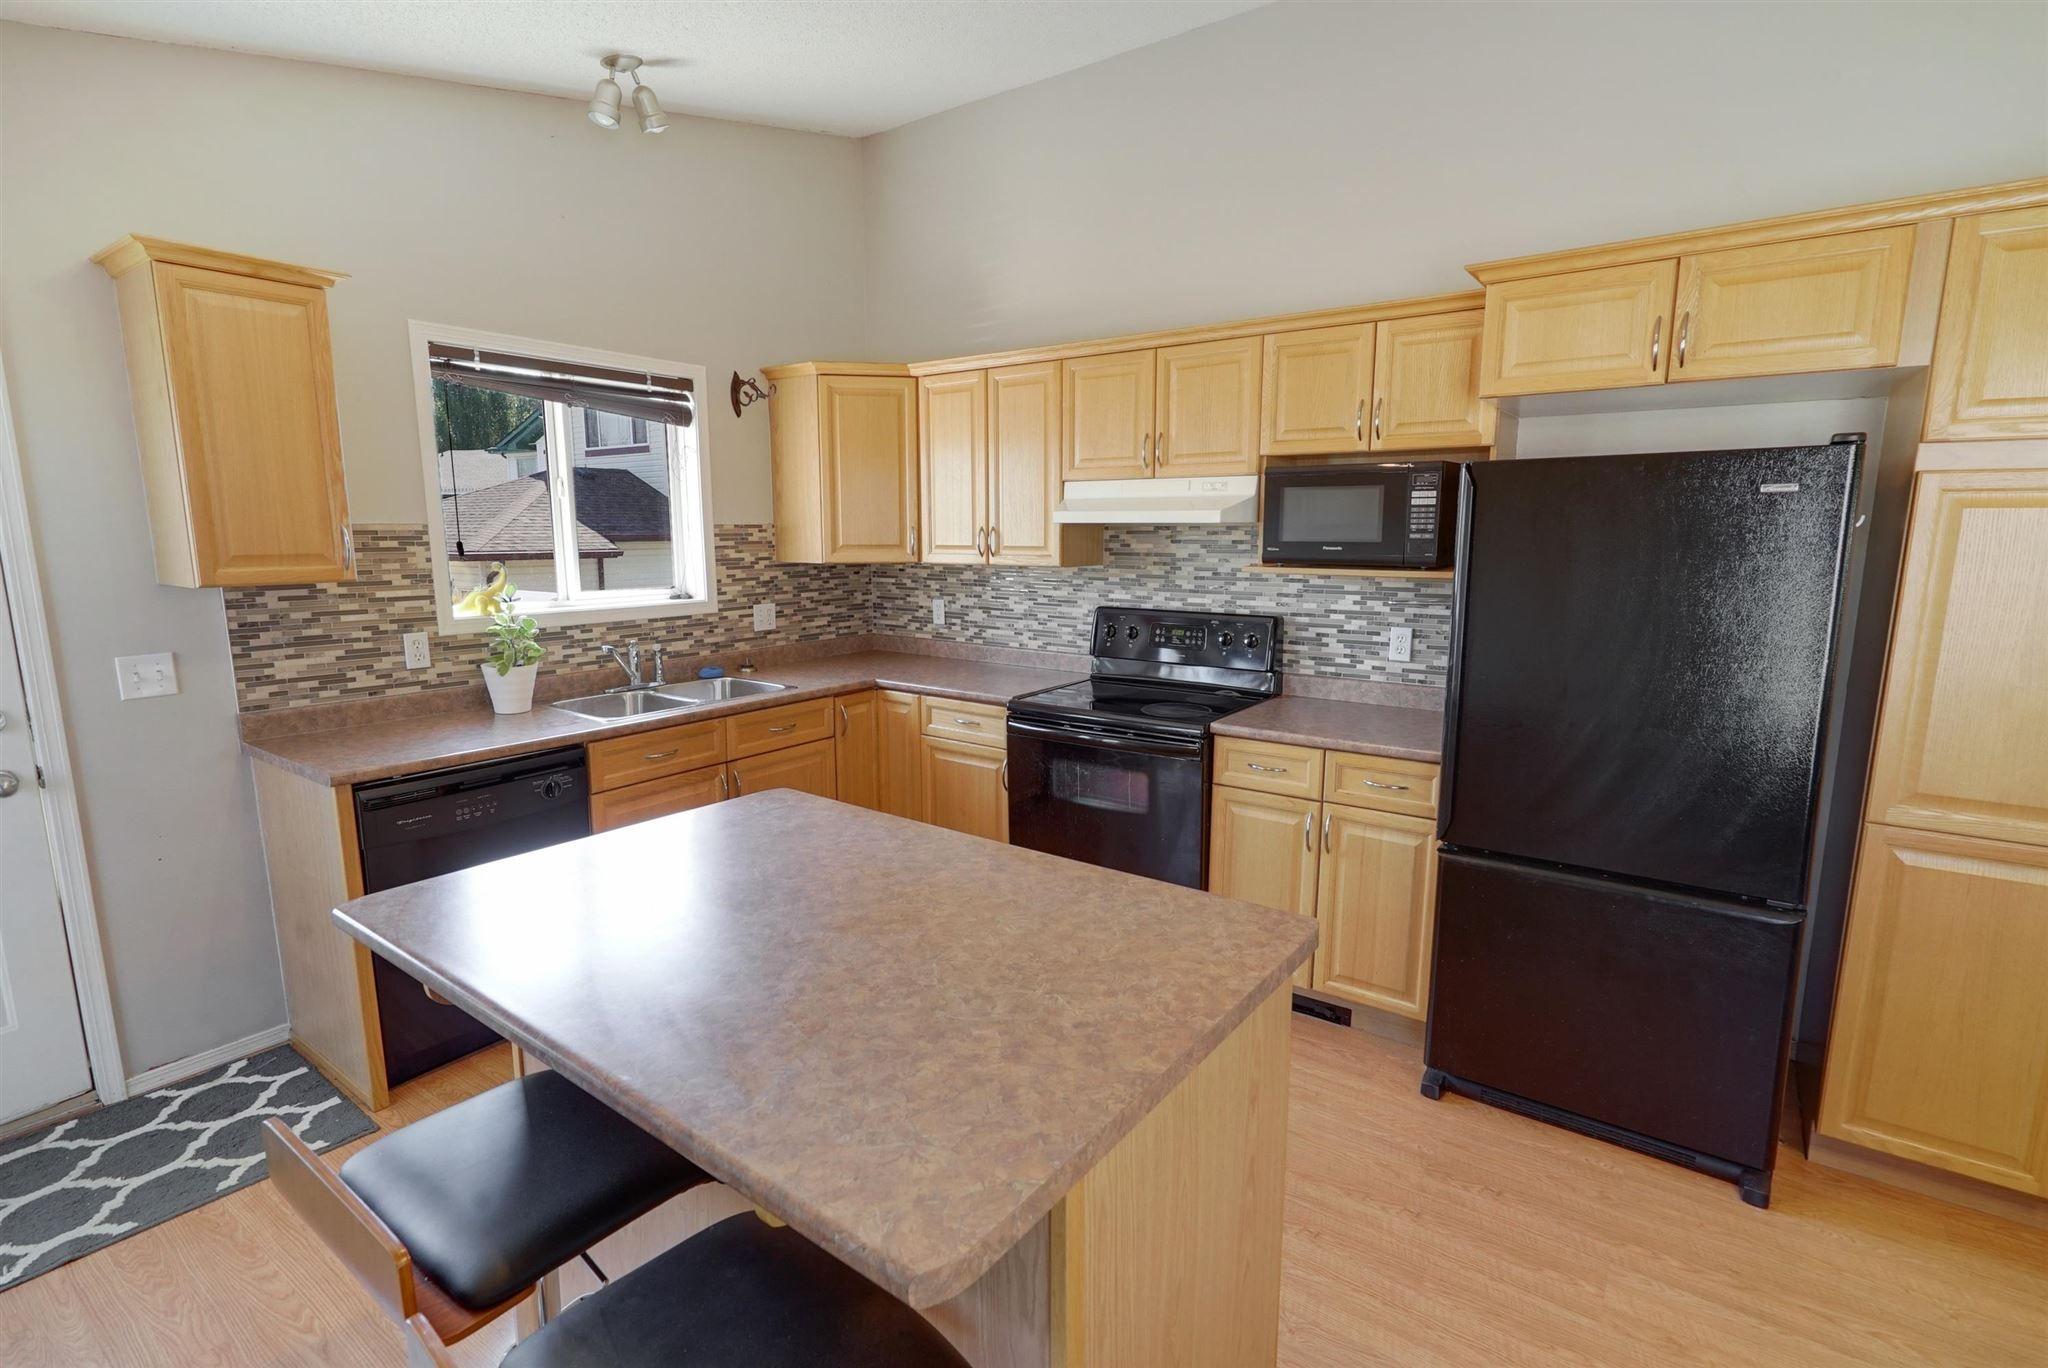 Main Photo: 35 BRIARWOOD Way: Stony Plain House for sale : MLS®# E4253377